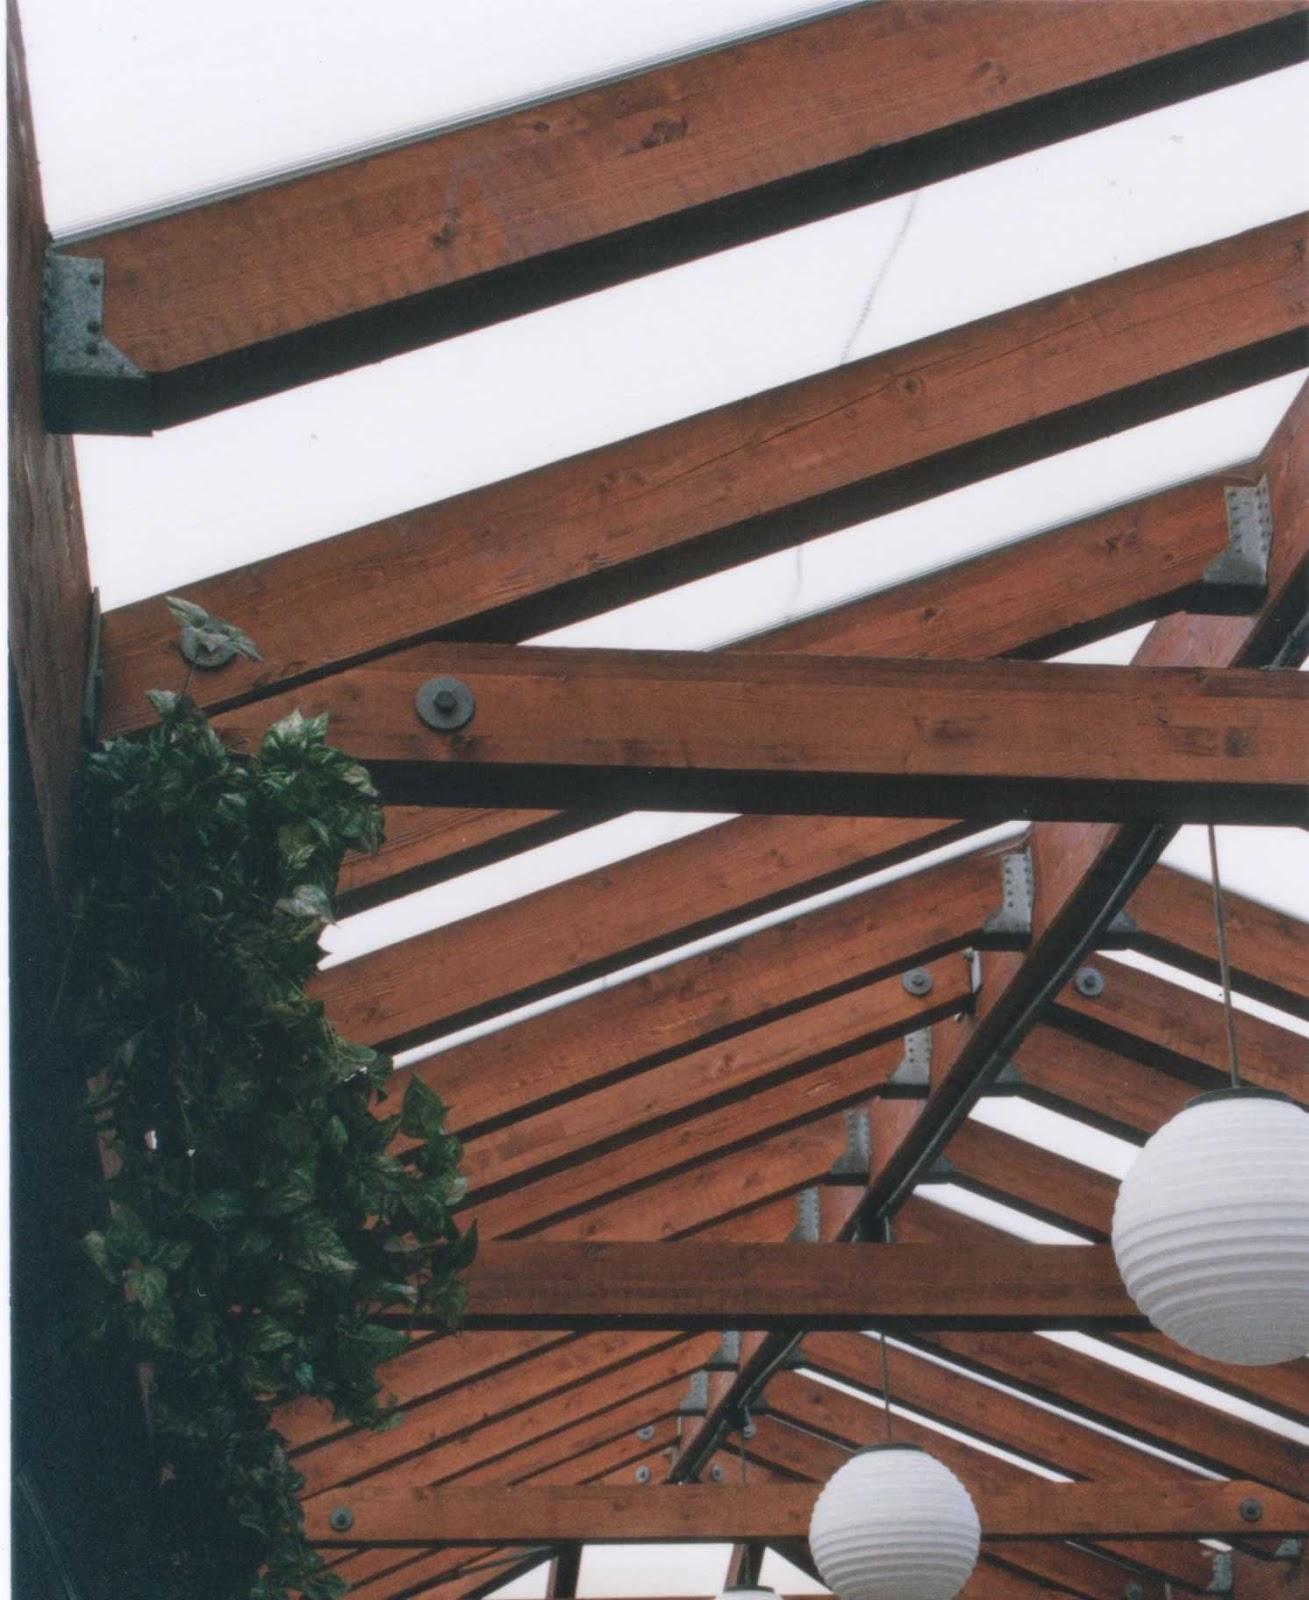 Abatimientos e intersecciones cerchas de madera - Cubiertas de madera ...